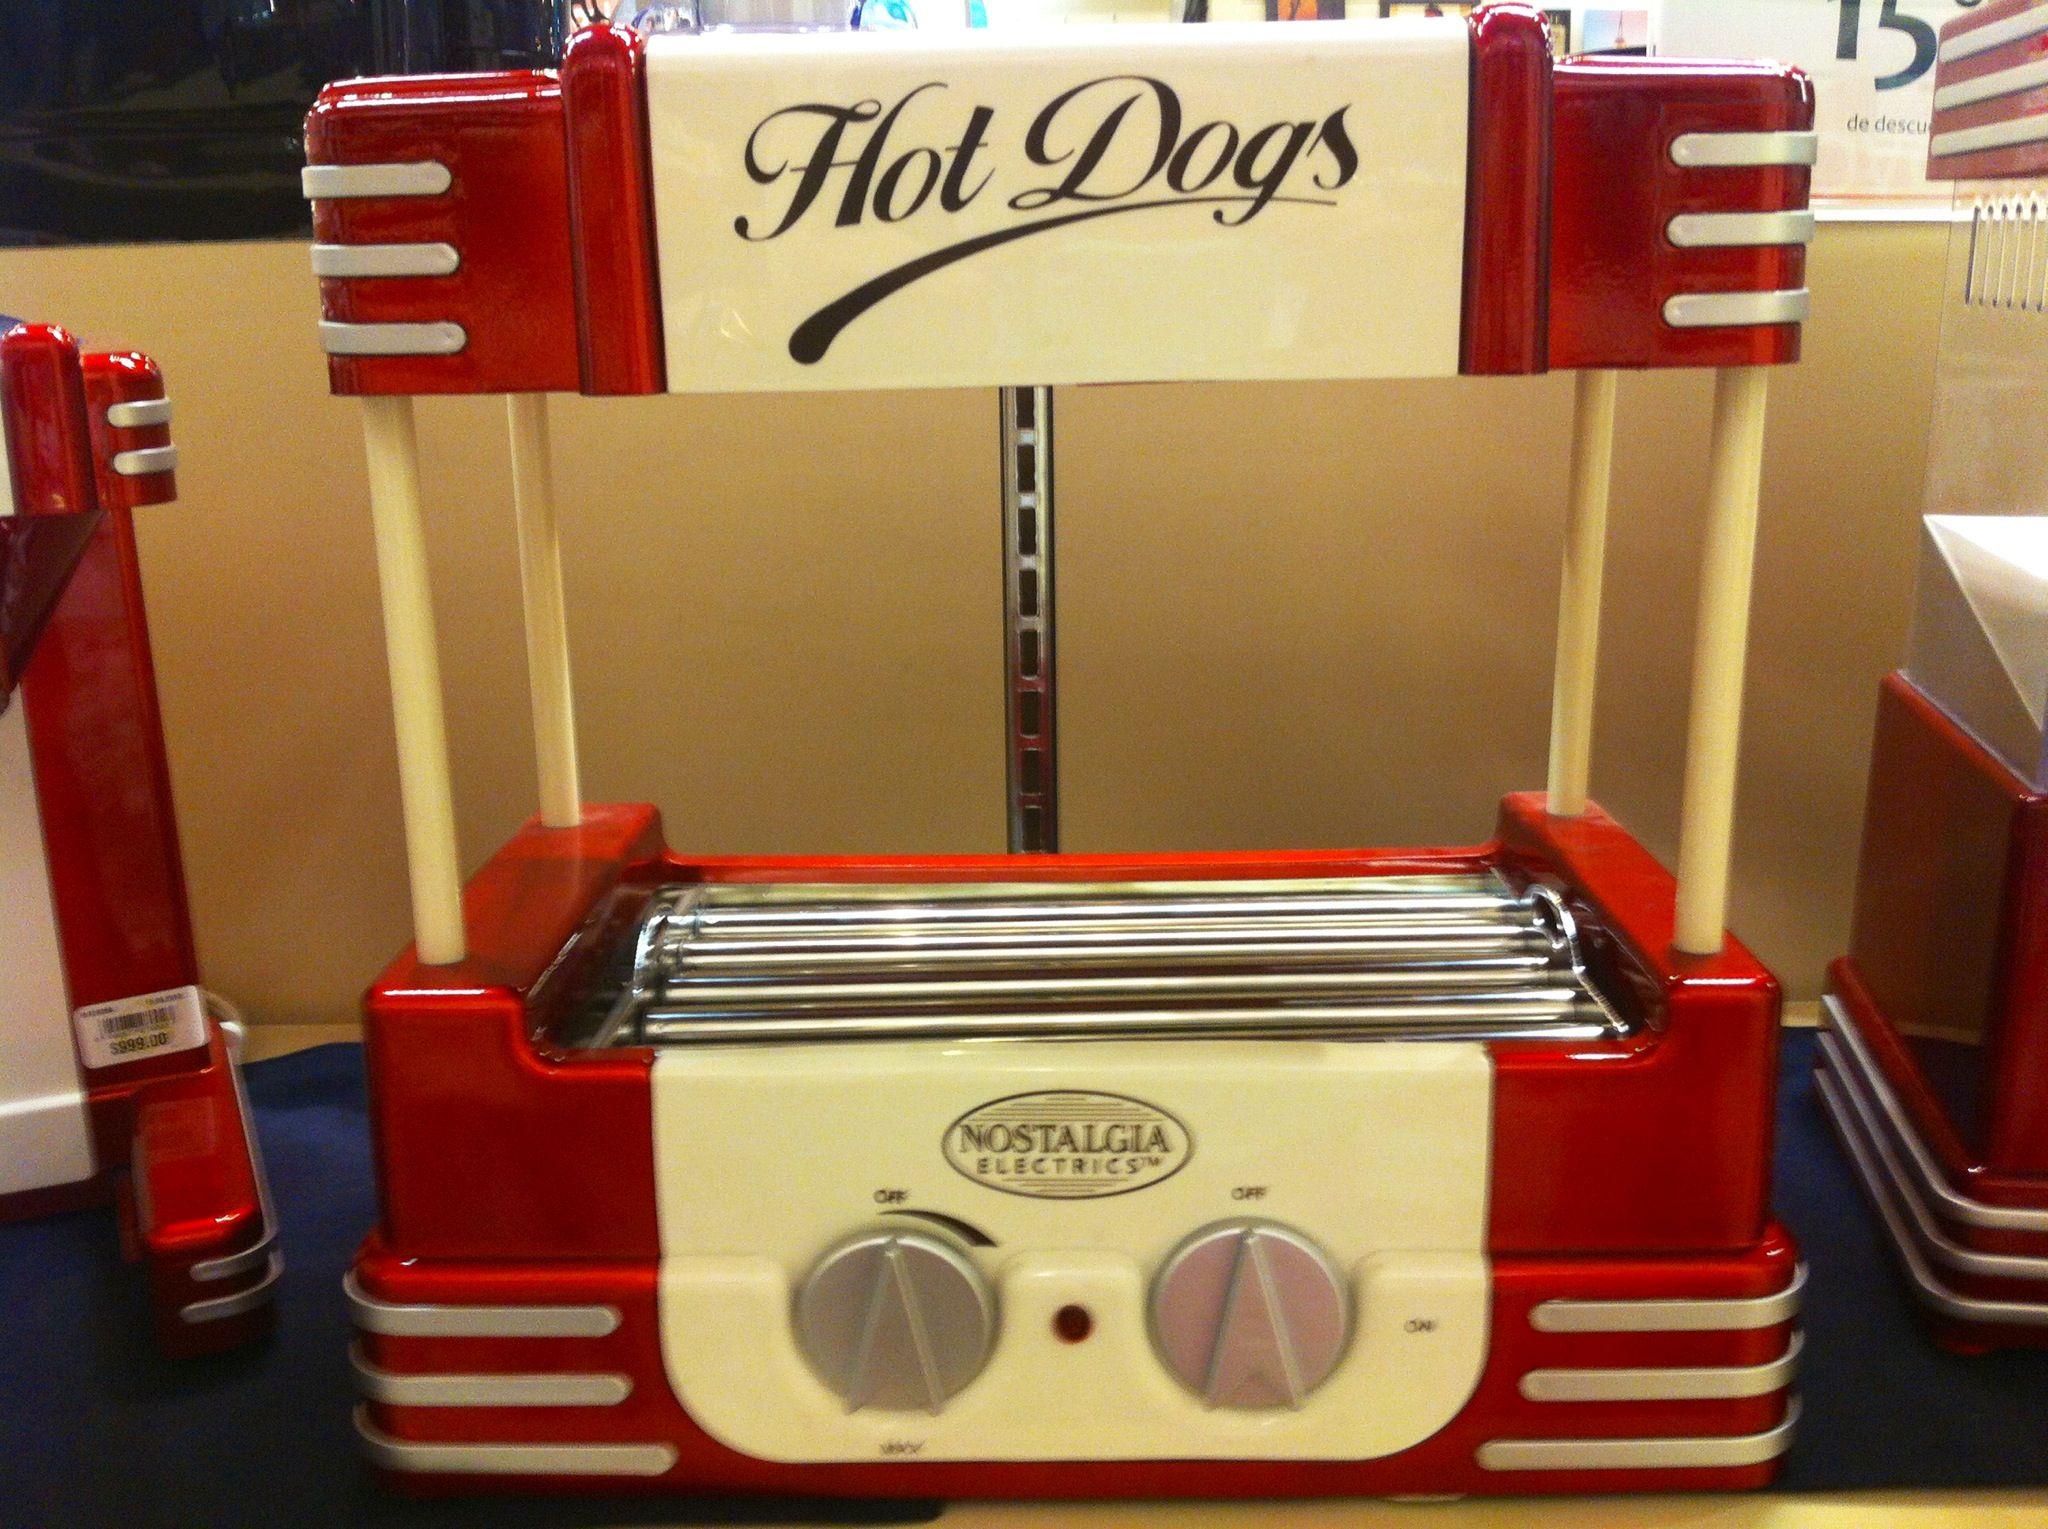 Mini maquina de Hot dogs